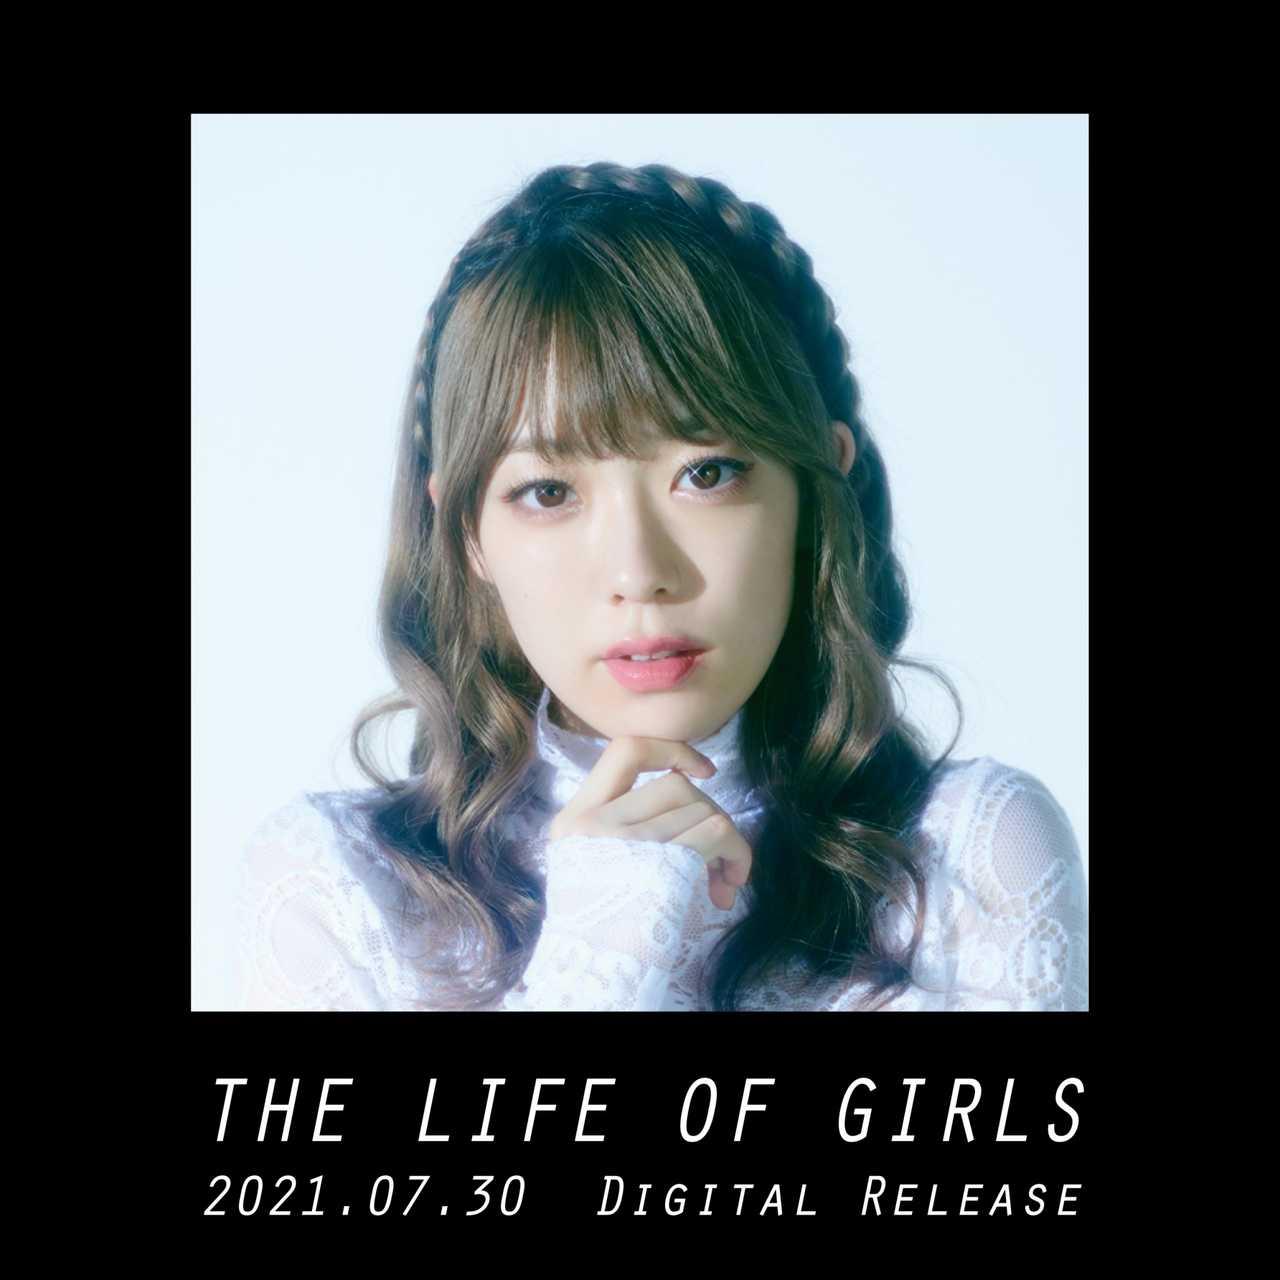 神宿、ニューアルバム【THE LIFE OF GIRLS】 ティザーフォト第二弾公開